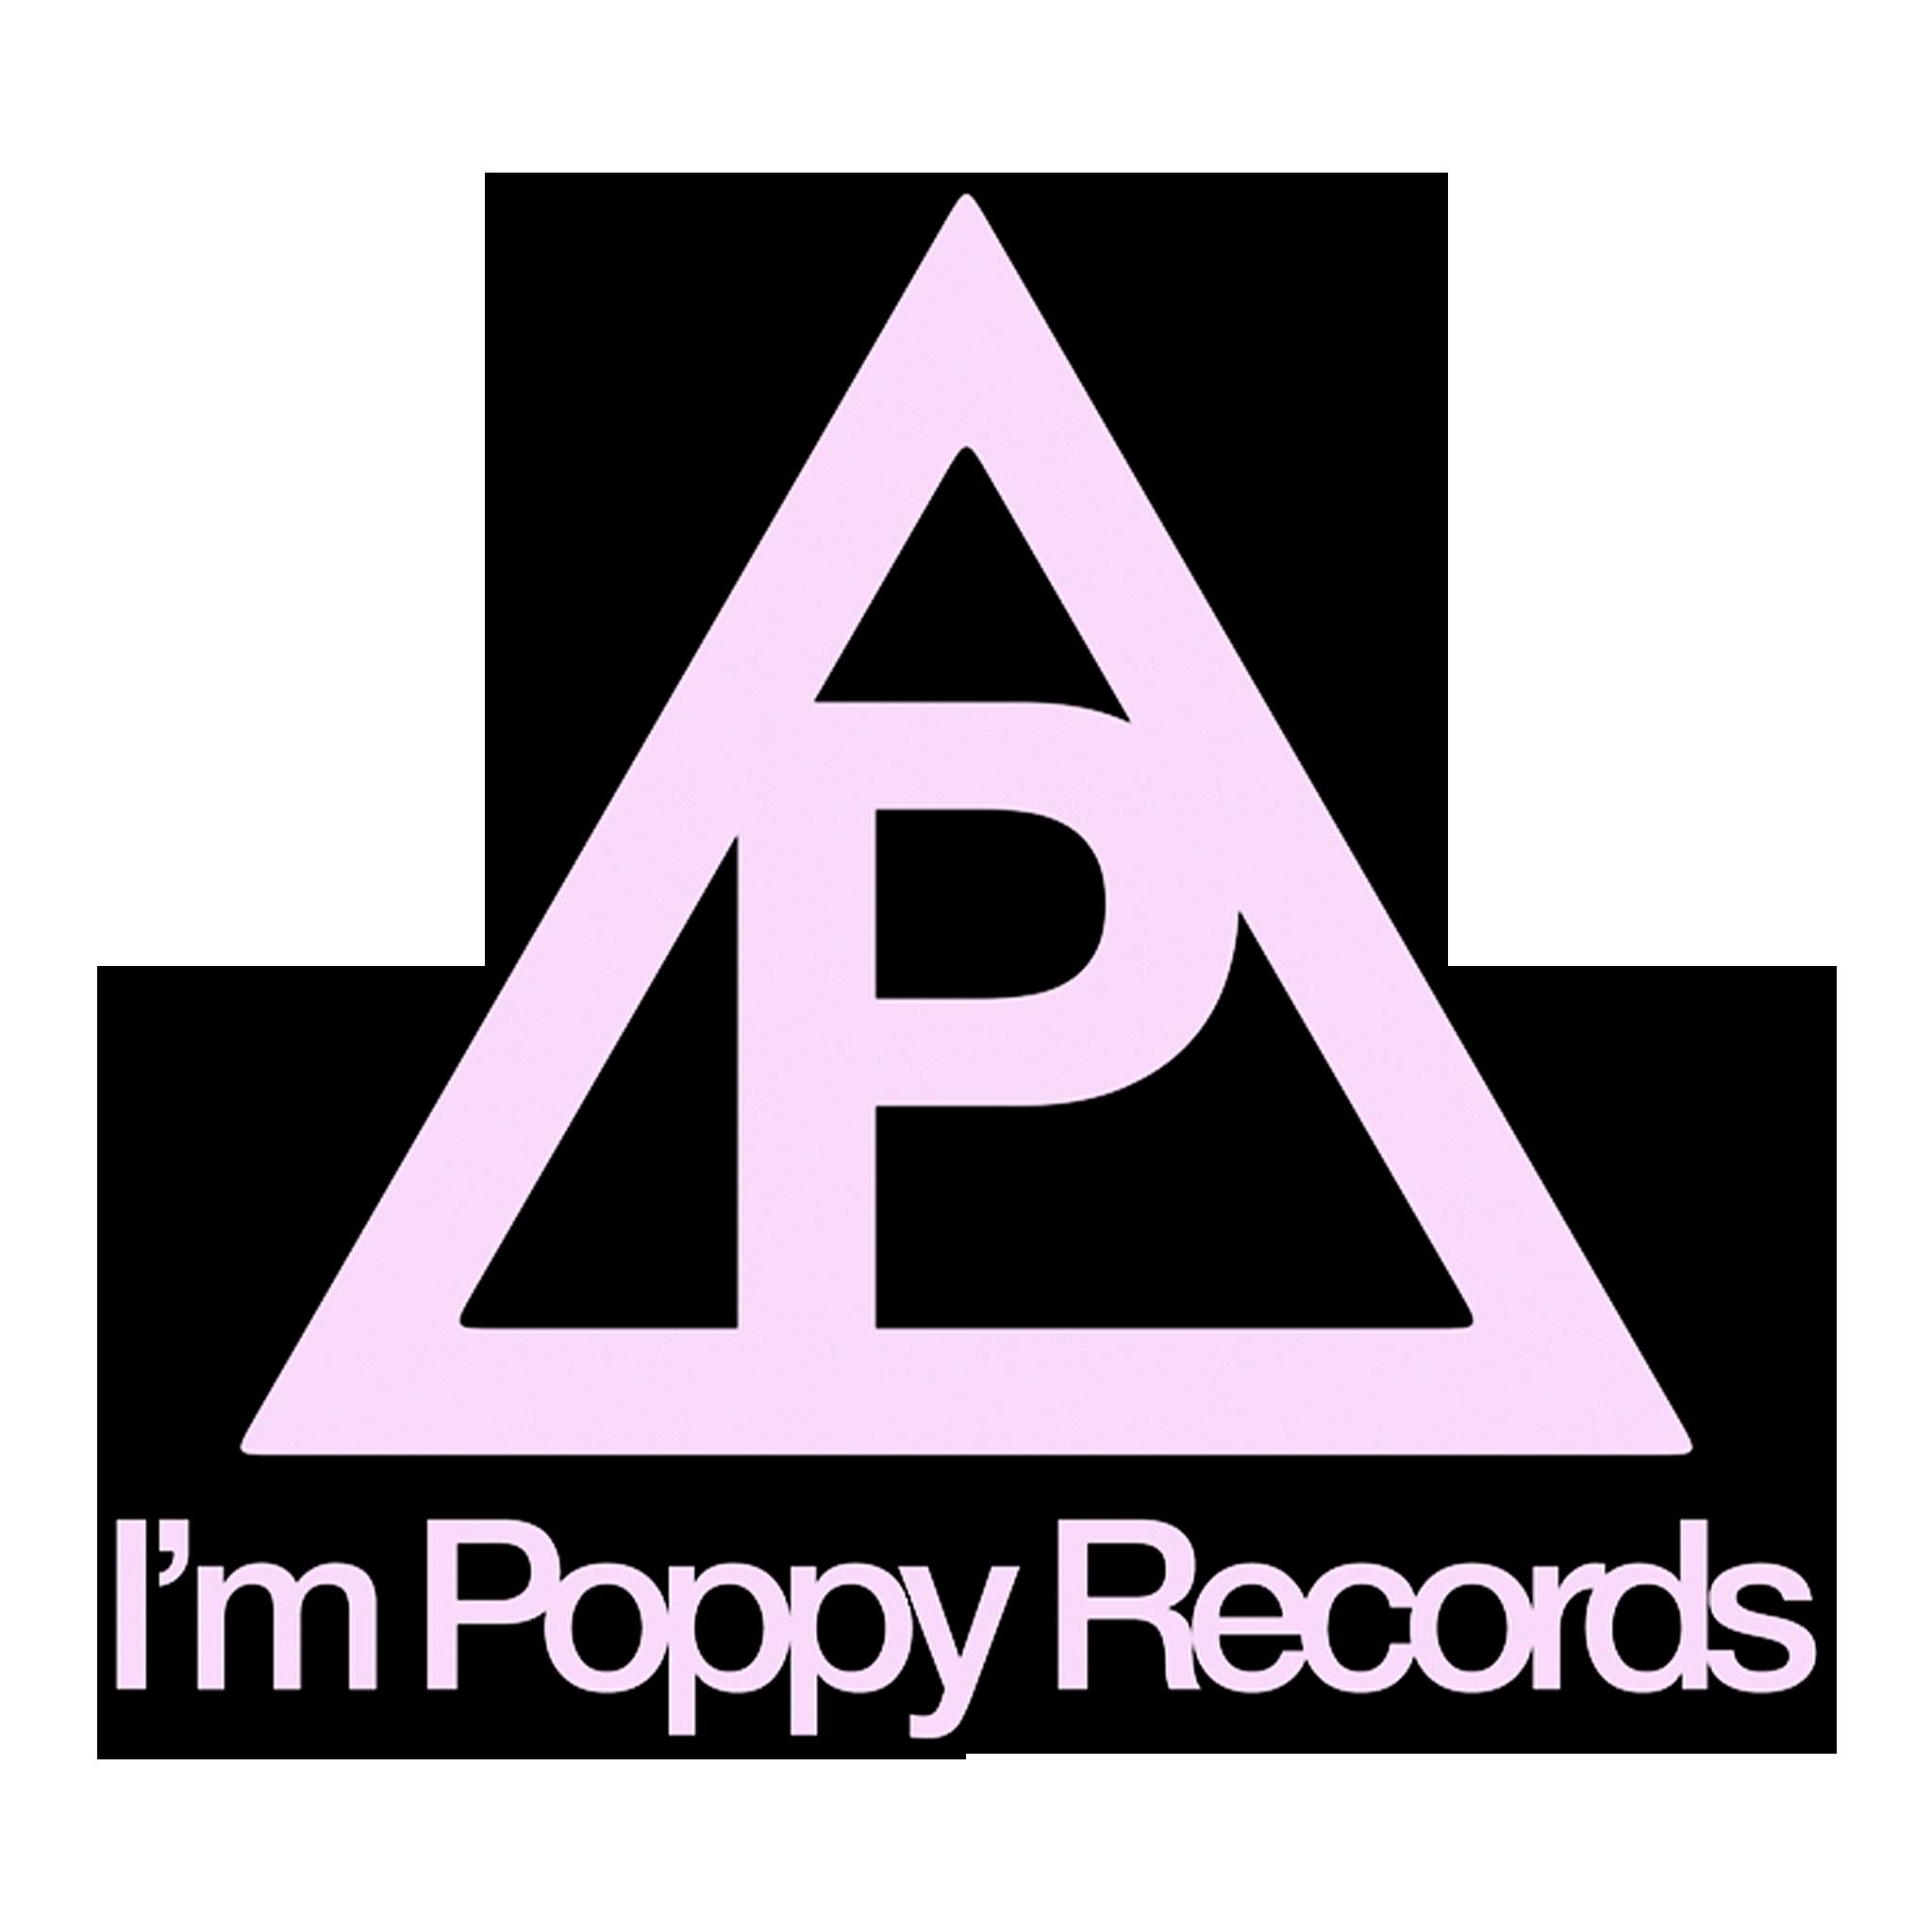 I'm Poppy Records